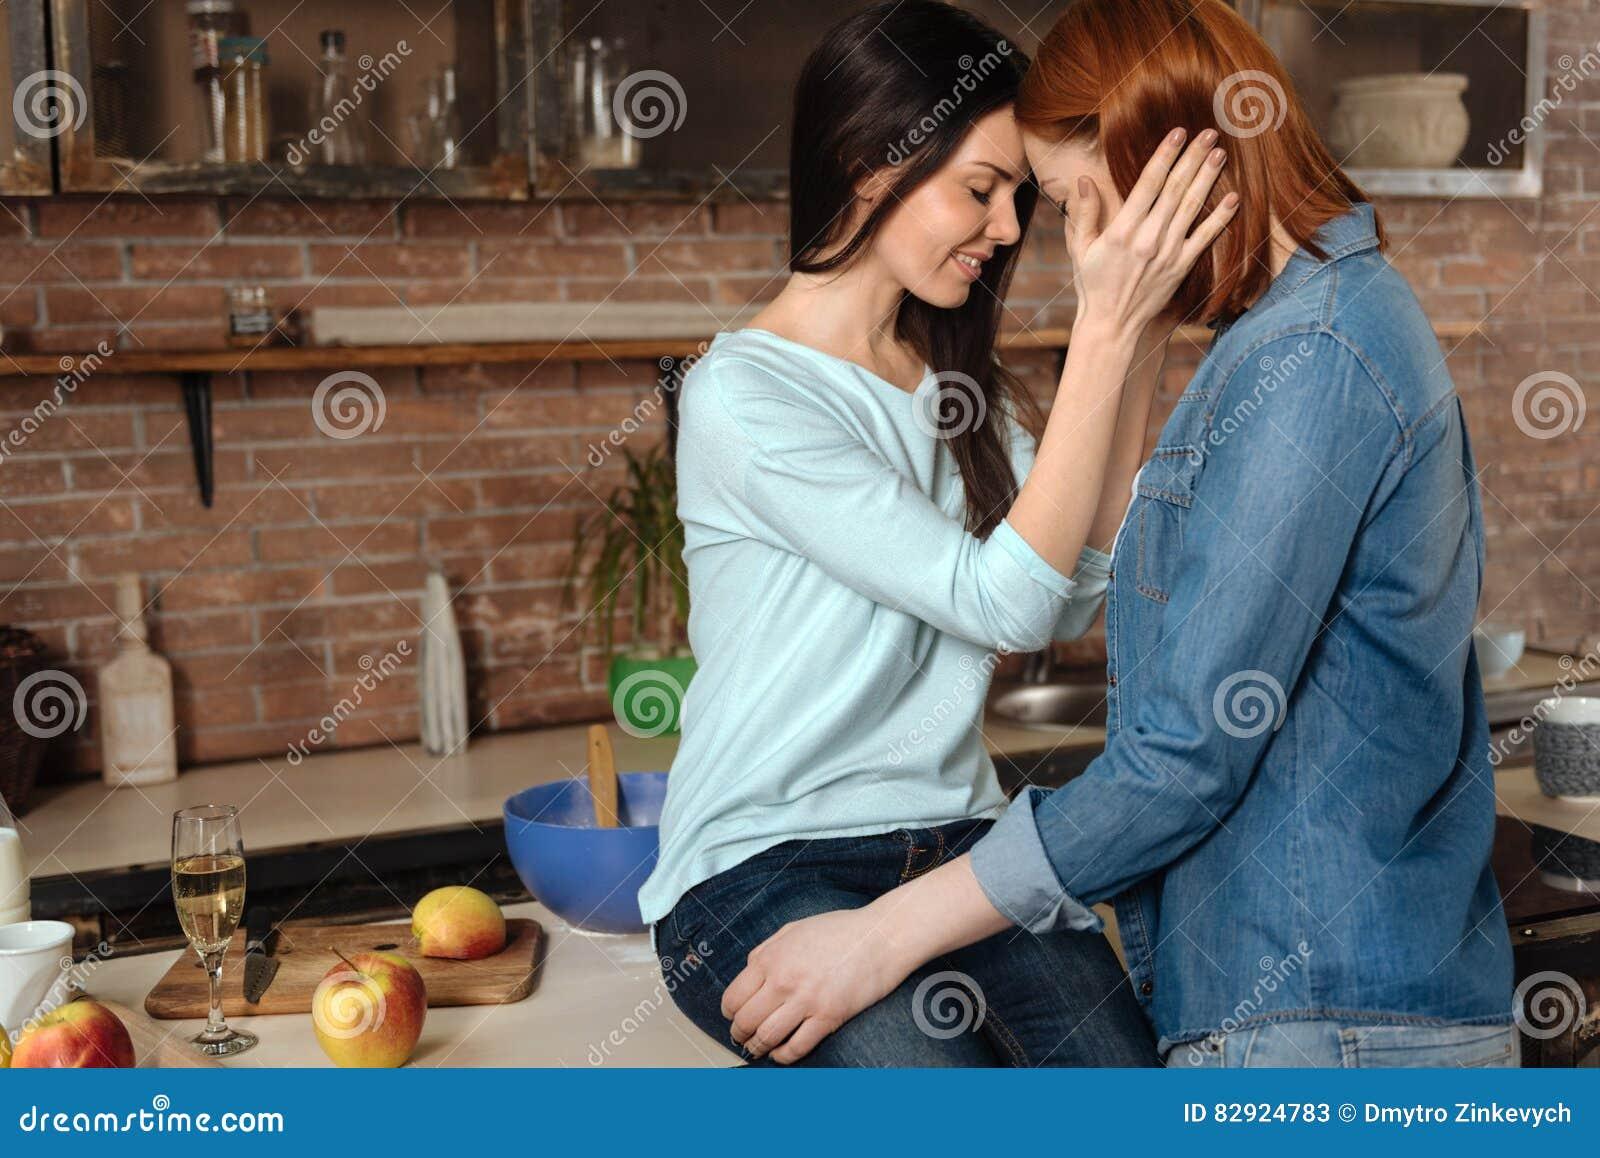 Berührt Freundin Lesbisch Ihre Verheiratet lesbisch!?!